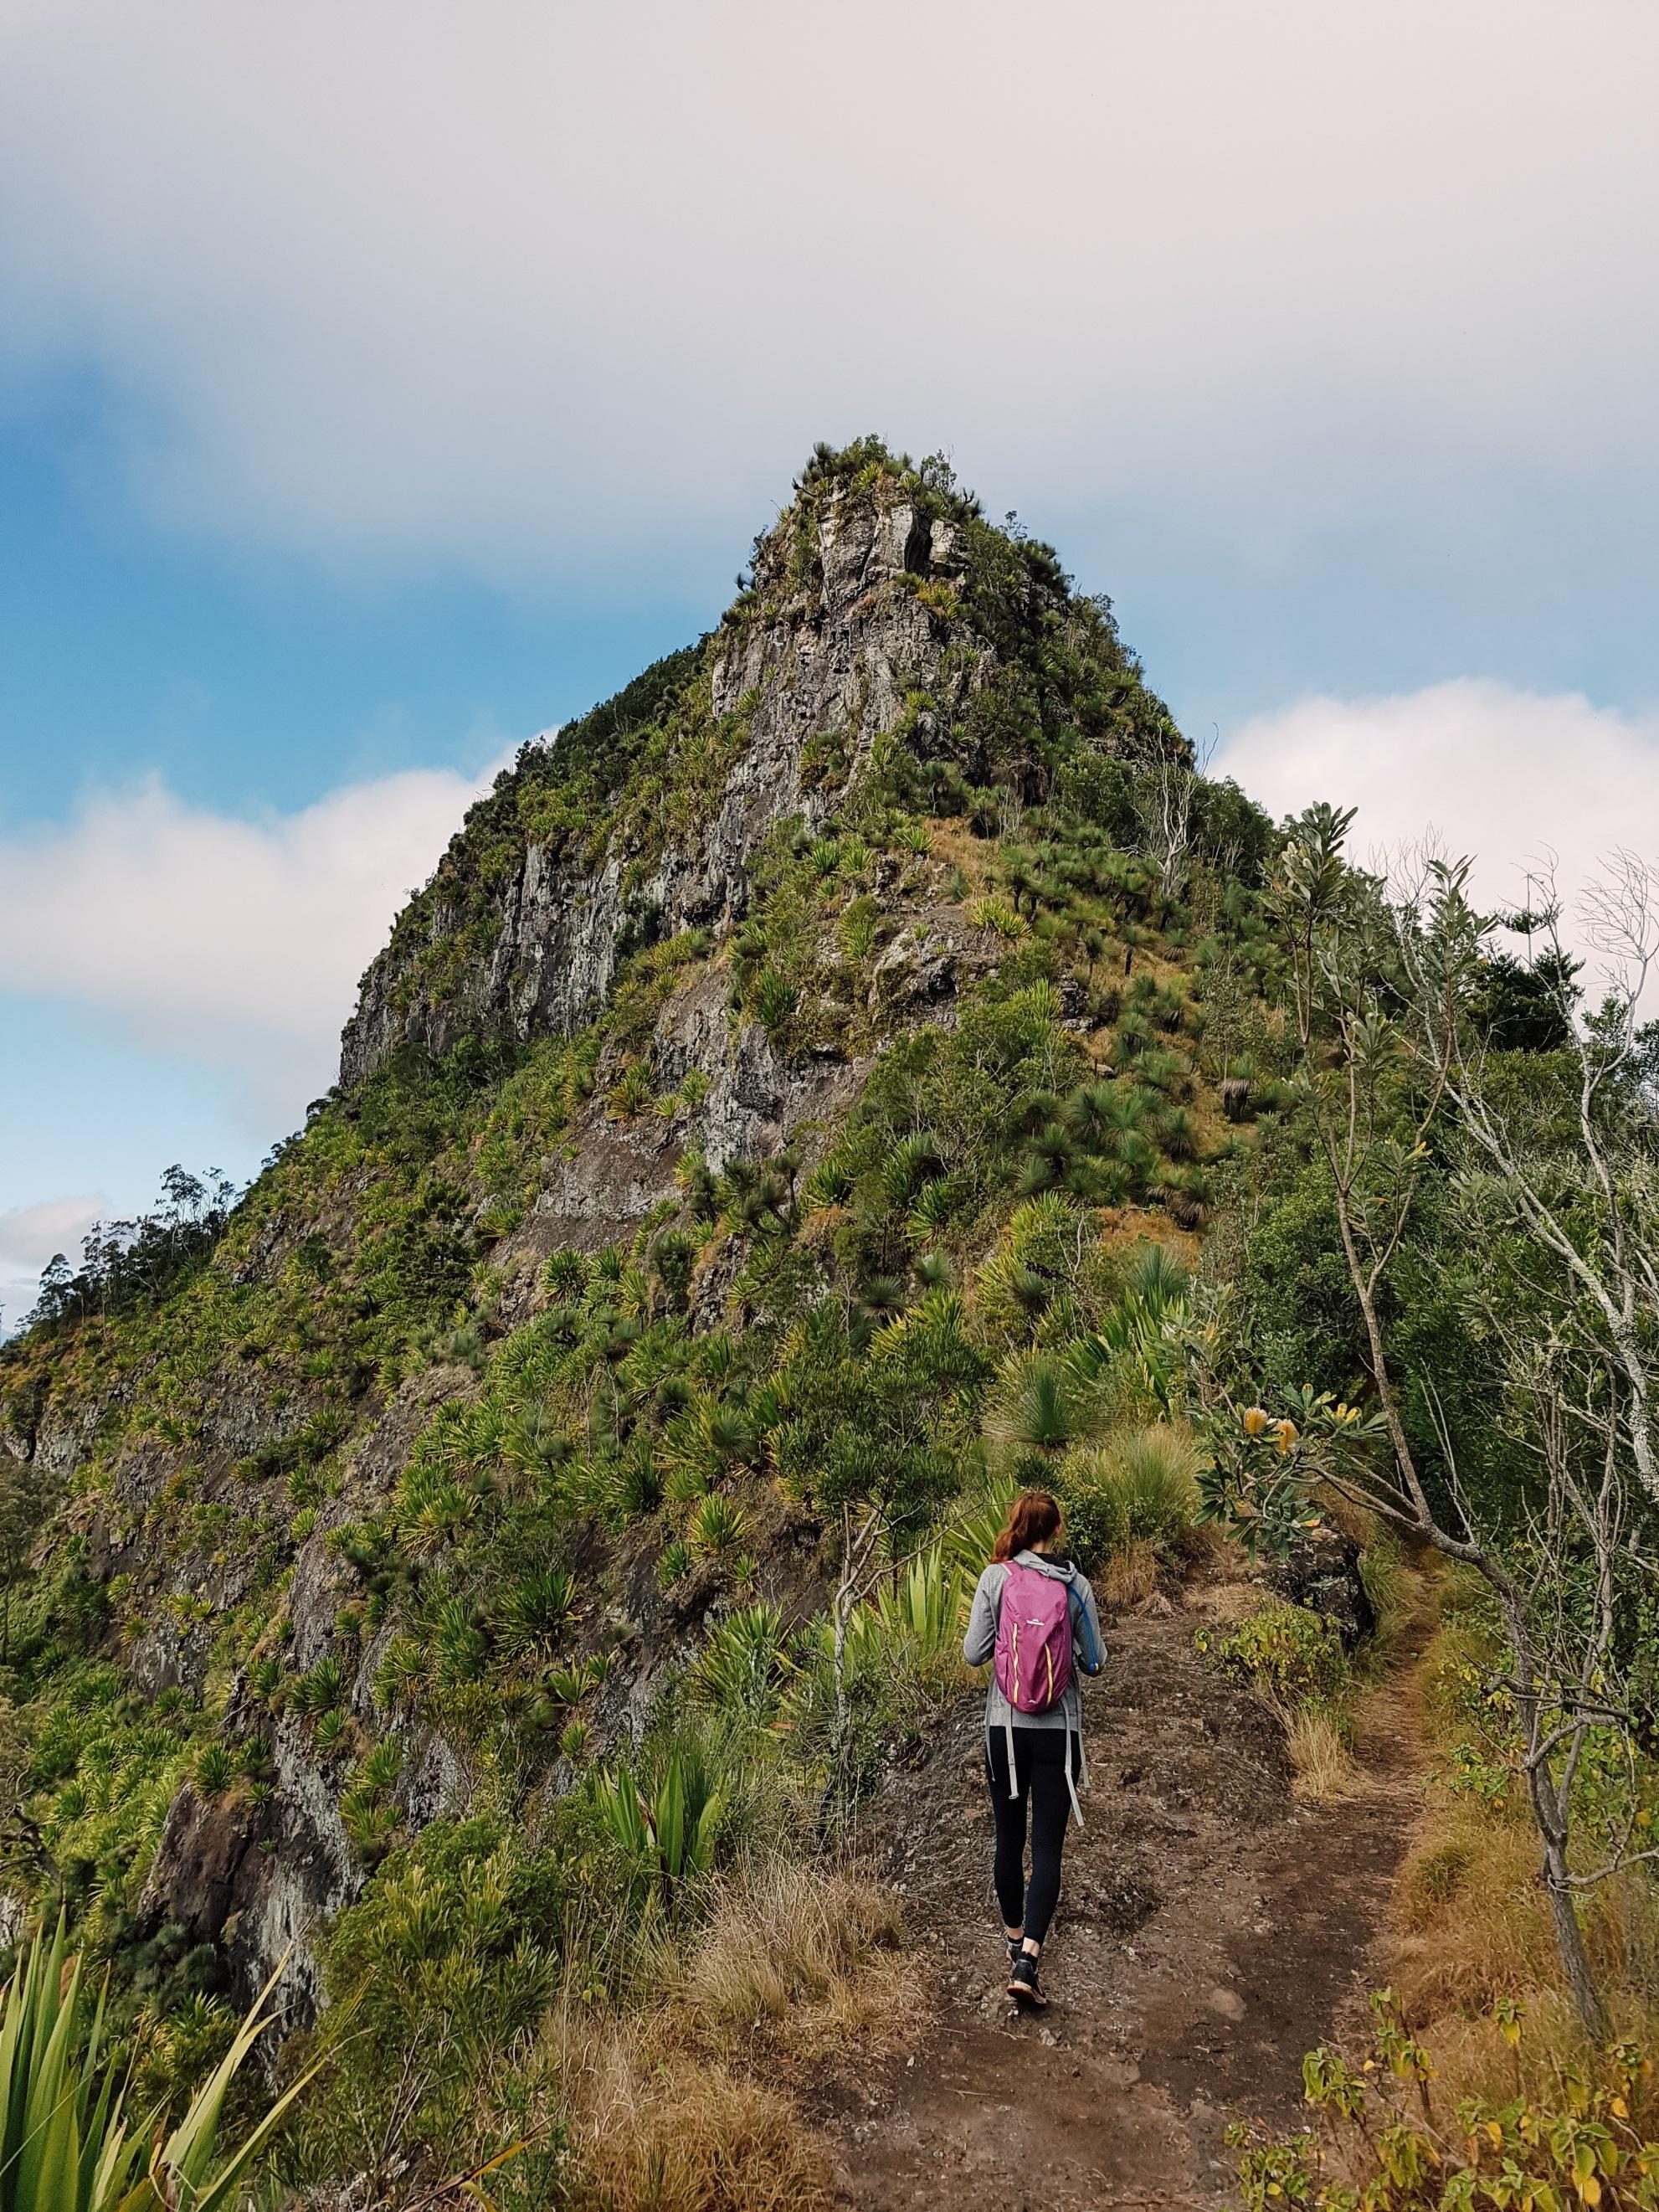 Mt Cordeaux & Bare Rock, Main Range NP.